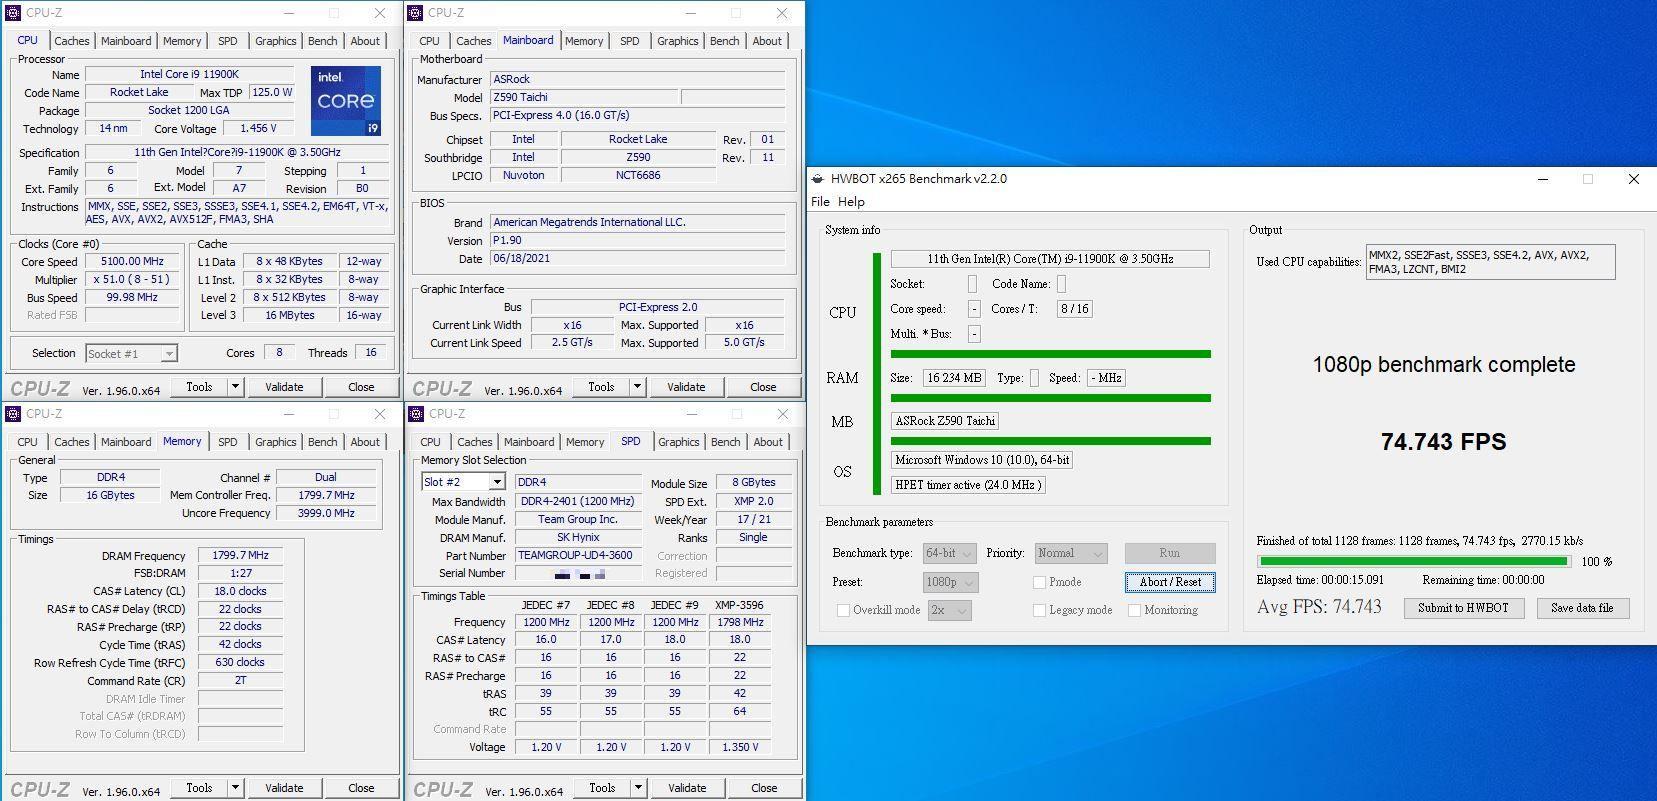 十銓T-FORCE XTREEM ARGB DDR4-3600 White Edition超頻記憶體-超美雪...5738